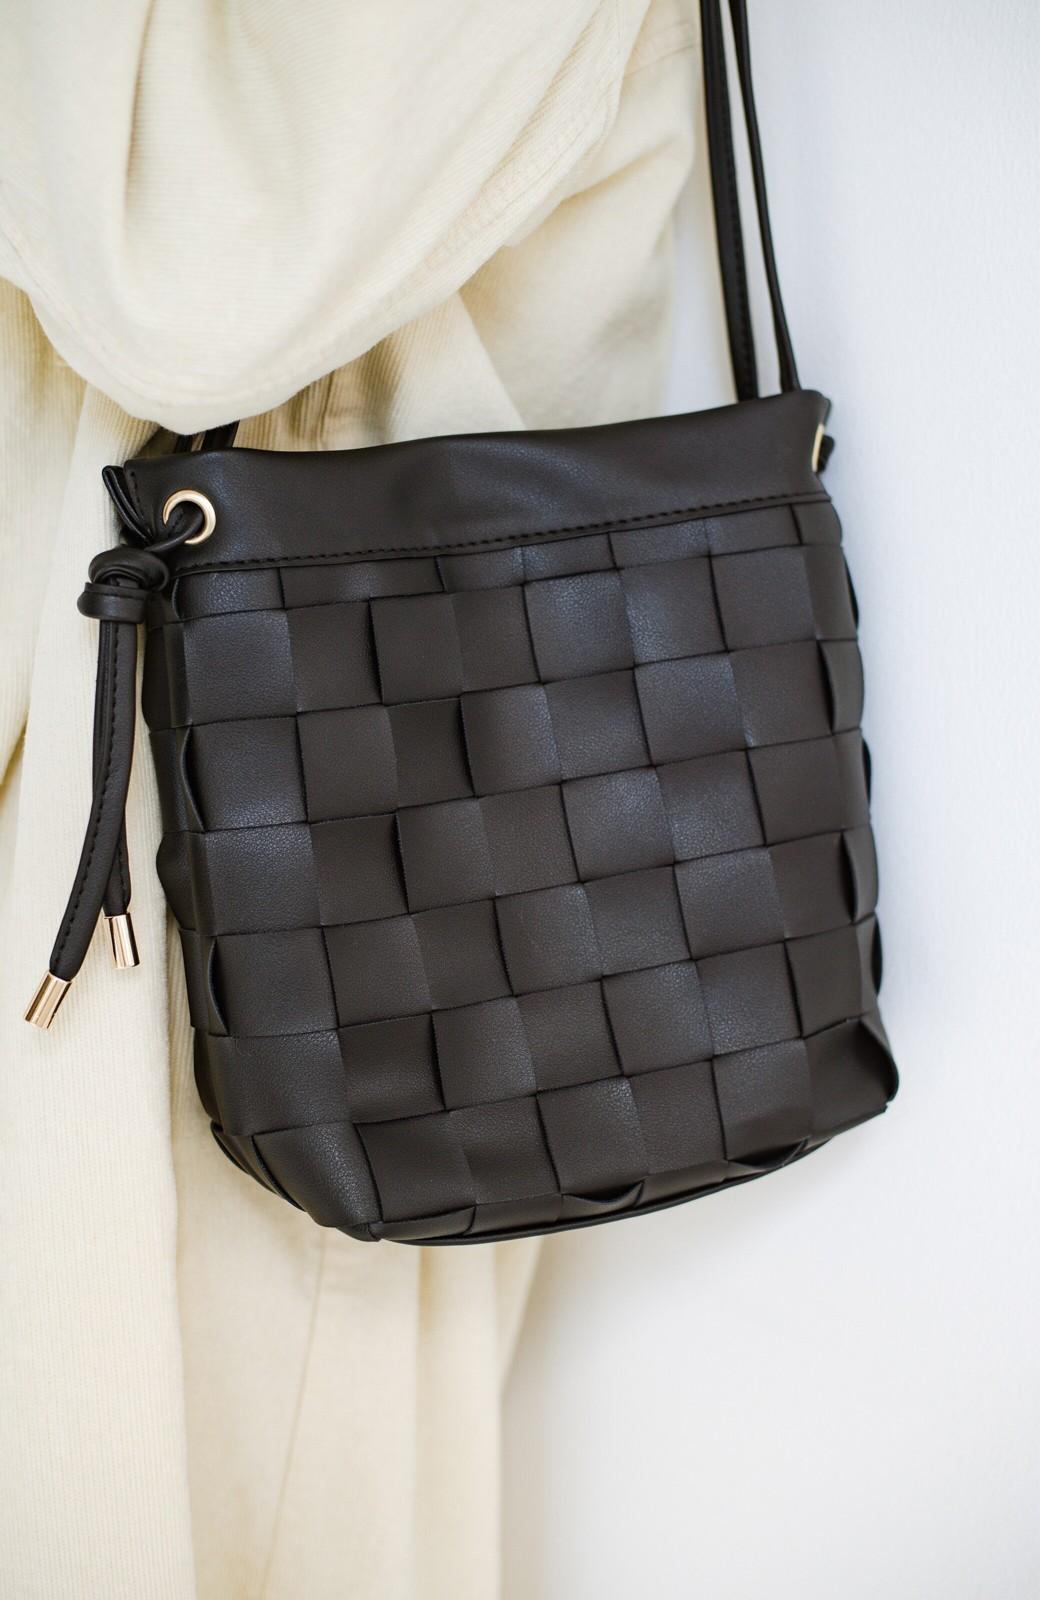 haco! さっと持って女っぽ 手編みメッシュが上品なやわらかフェイクレザーのトートバッグ <ブラック>の商品写真5